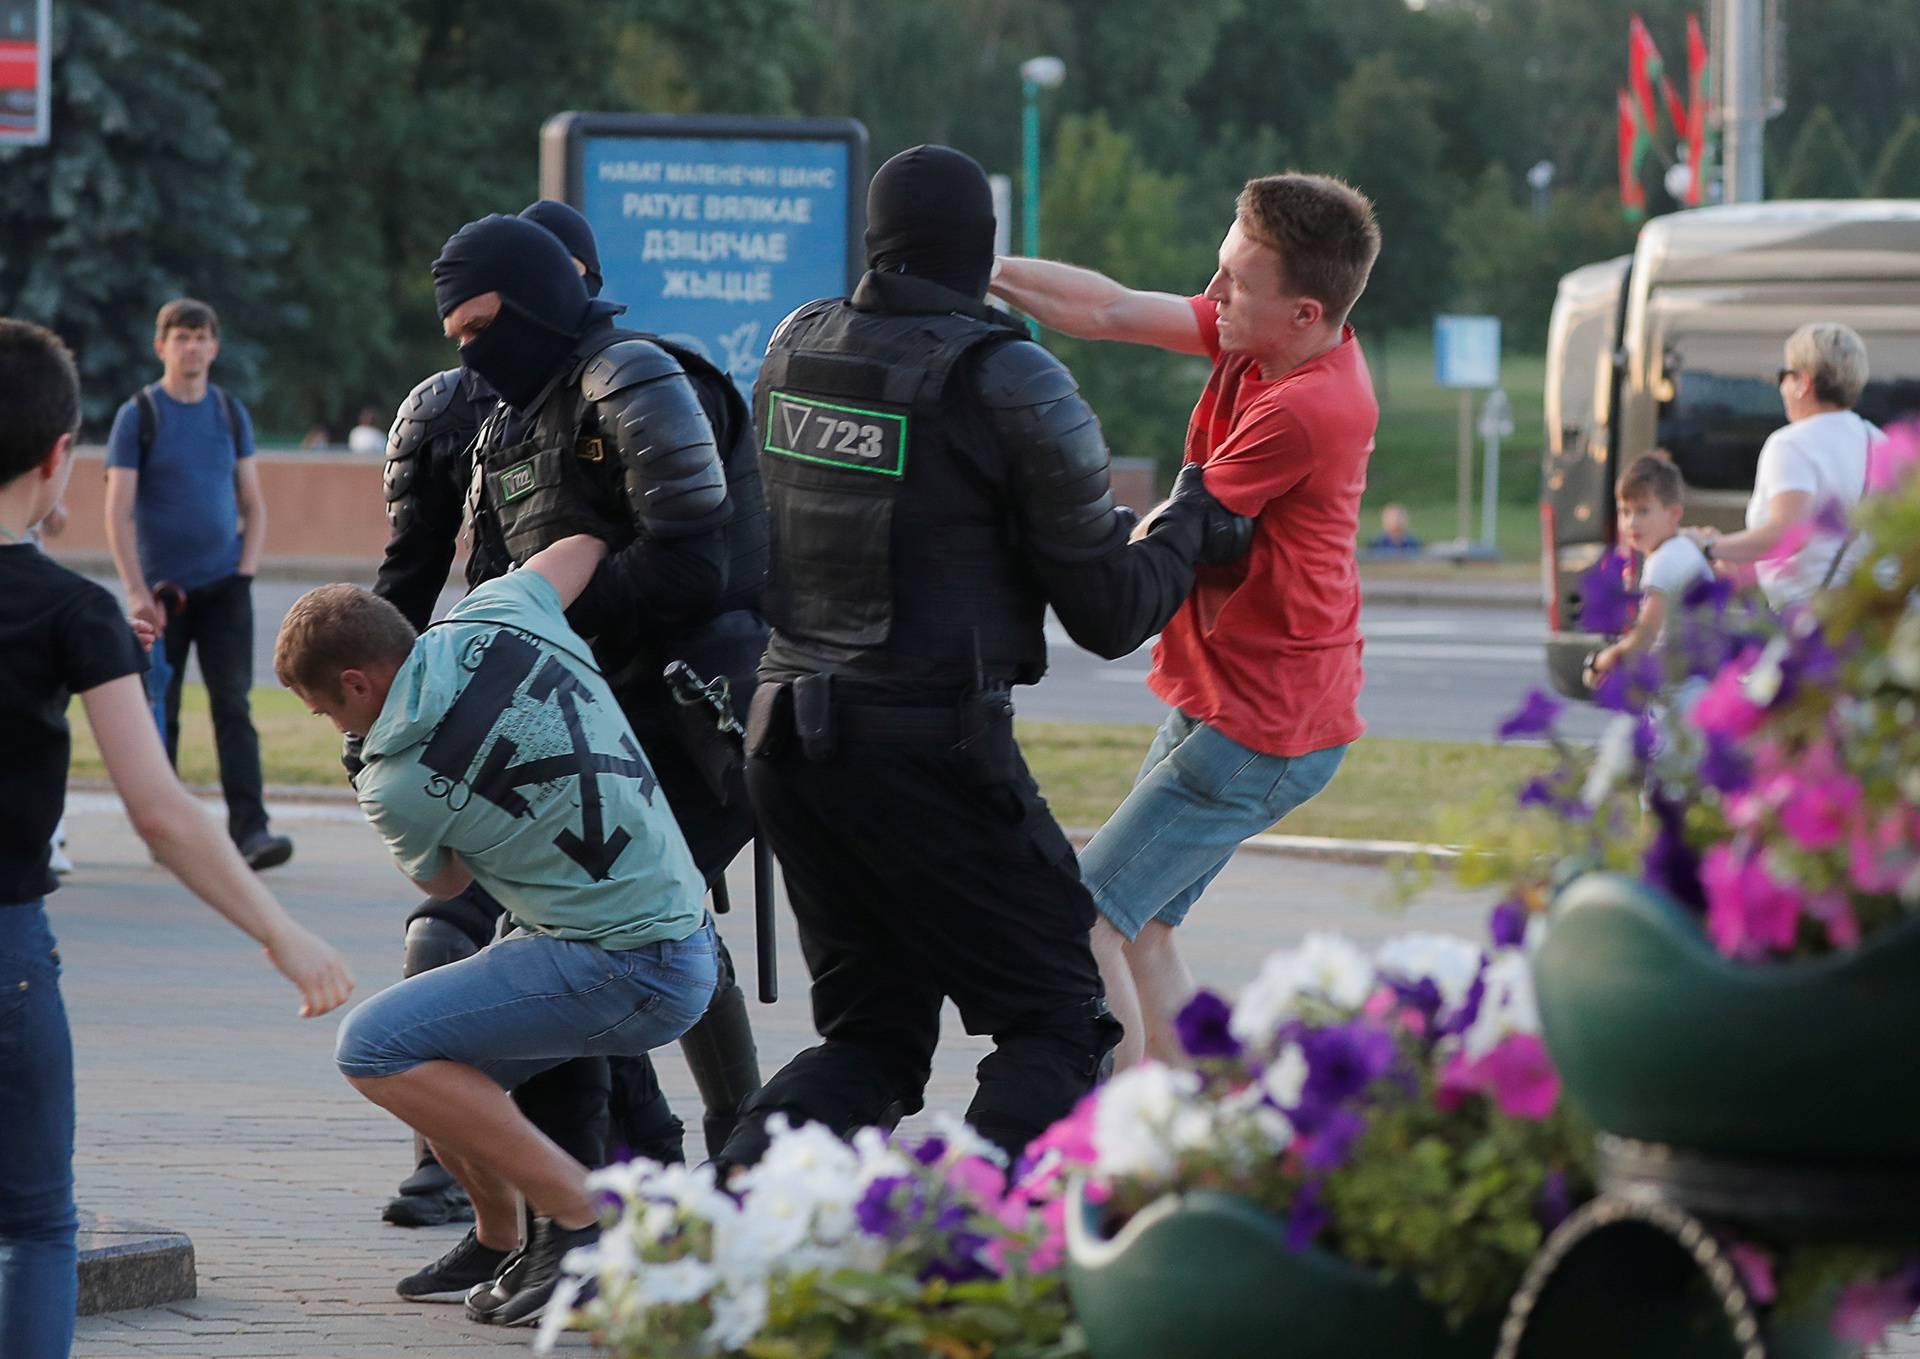 Bjelorusija: Drugi dan za redom prosvjedi na ulicama Minska